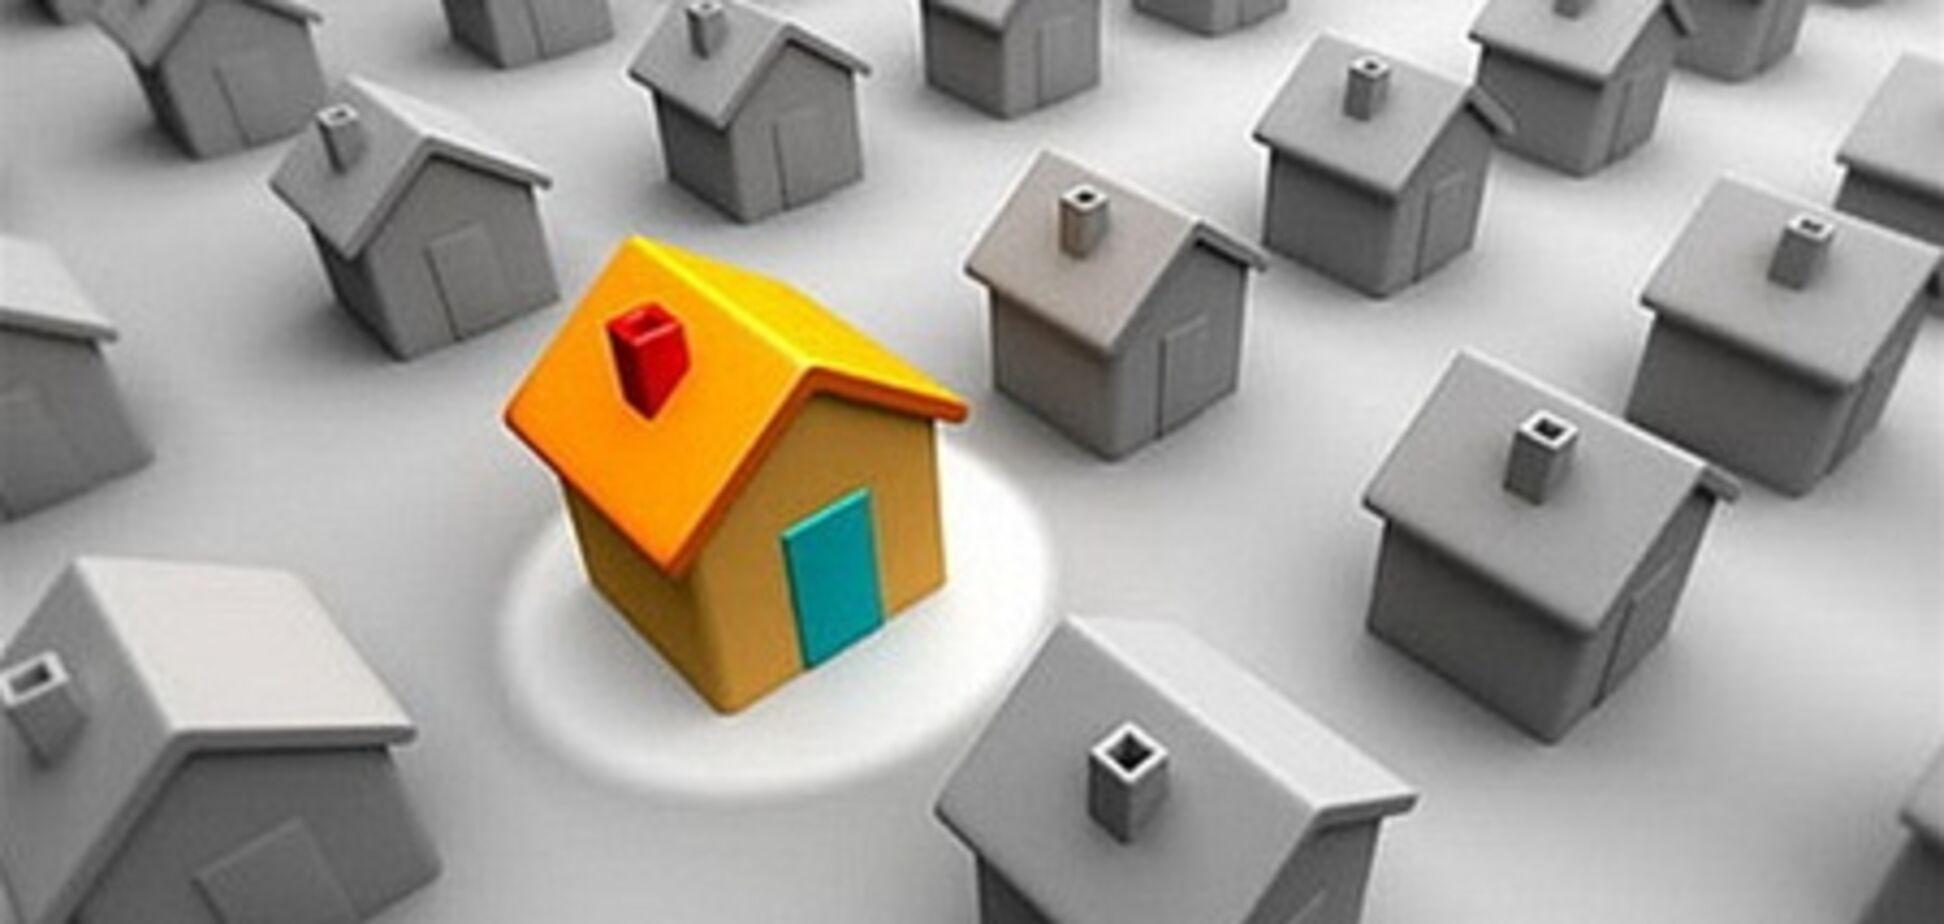 В 2013 году в Украине еще пока будут функционировать 'cтарые' реестры прав на недвижимость